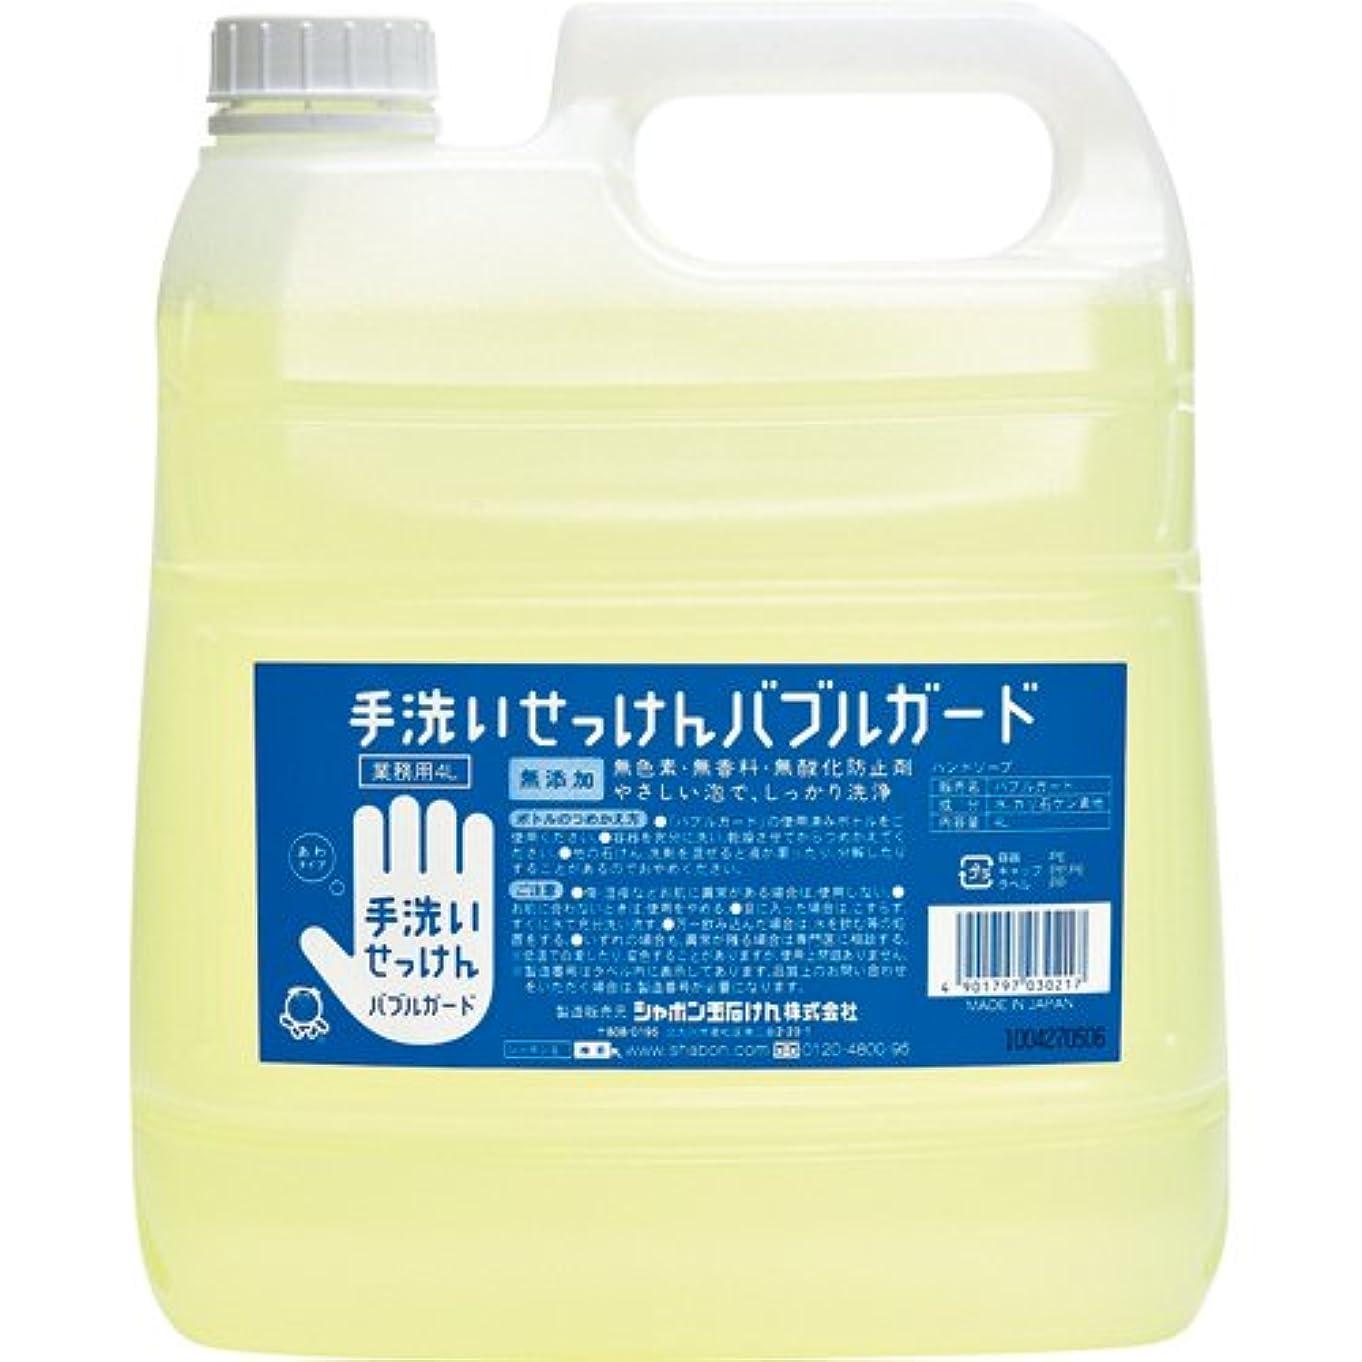 うれしい専制座る[シャボン玉石けん 1692542] (ケア商品)手洗いせっけん バブルガード 泡タイプ 業務用 4L